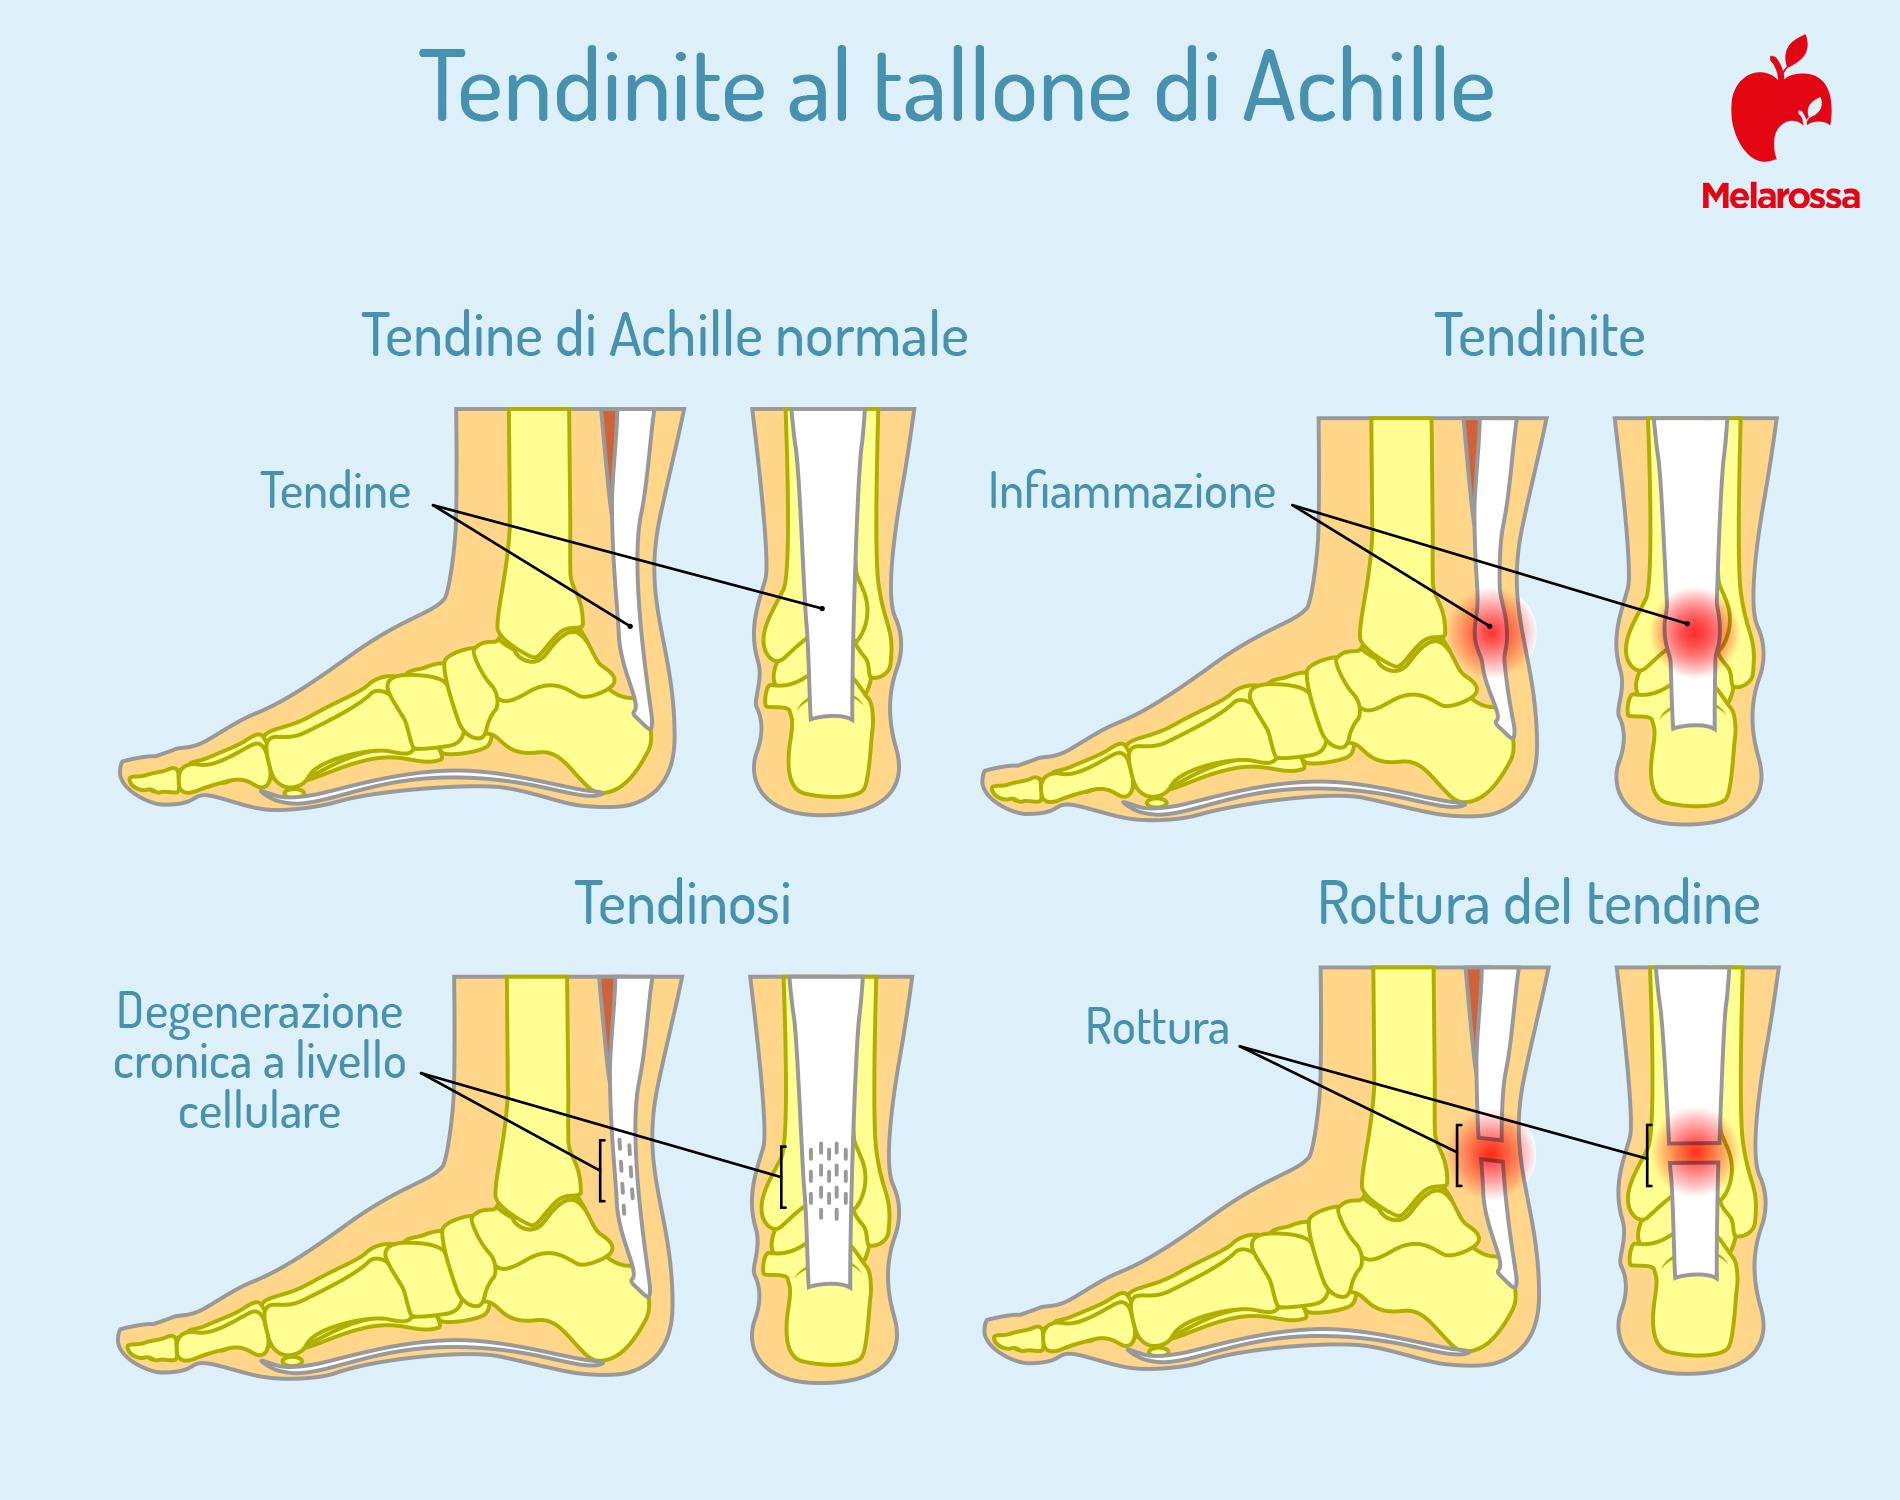 tendinite al tallone di Achille: cause e sintomi